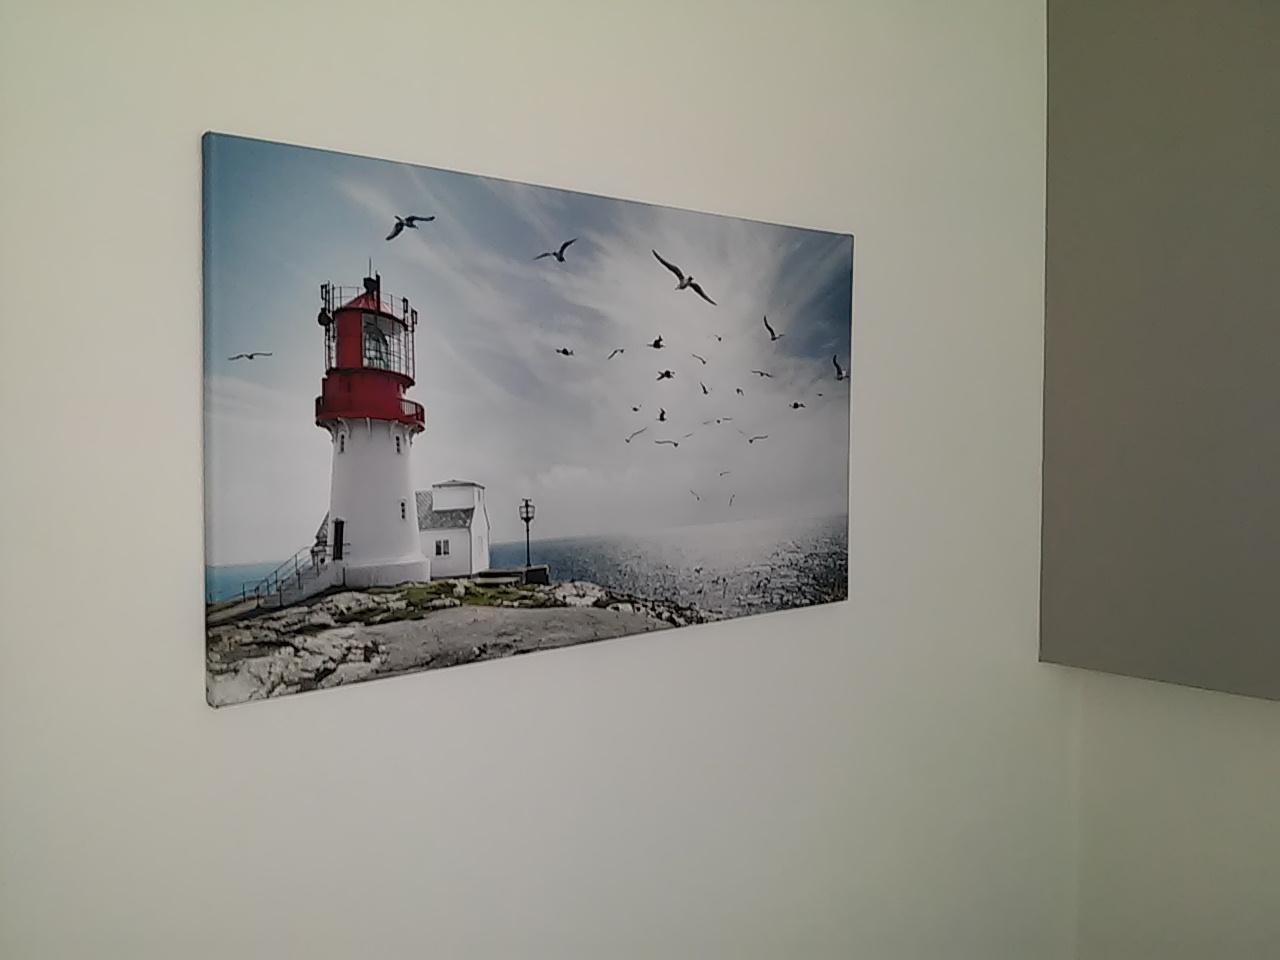 Zariaďujeme_Spálňa - vytuzeny obraz uz na stene 😍